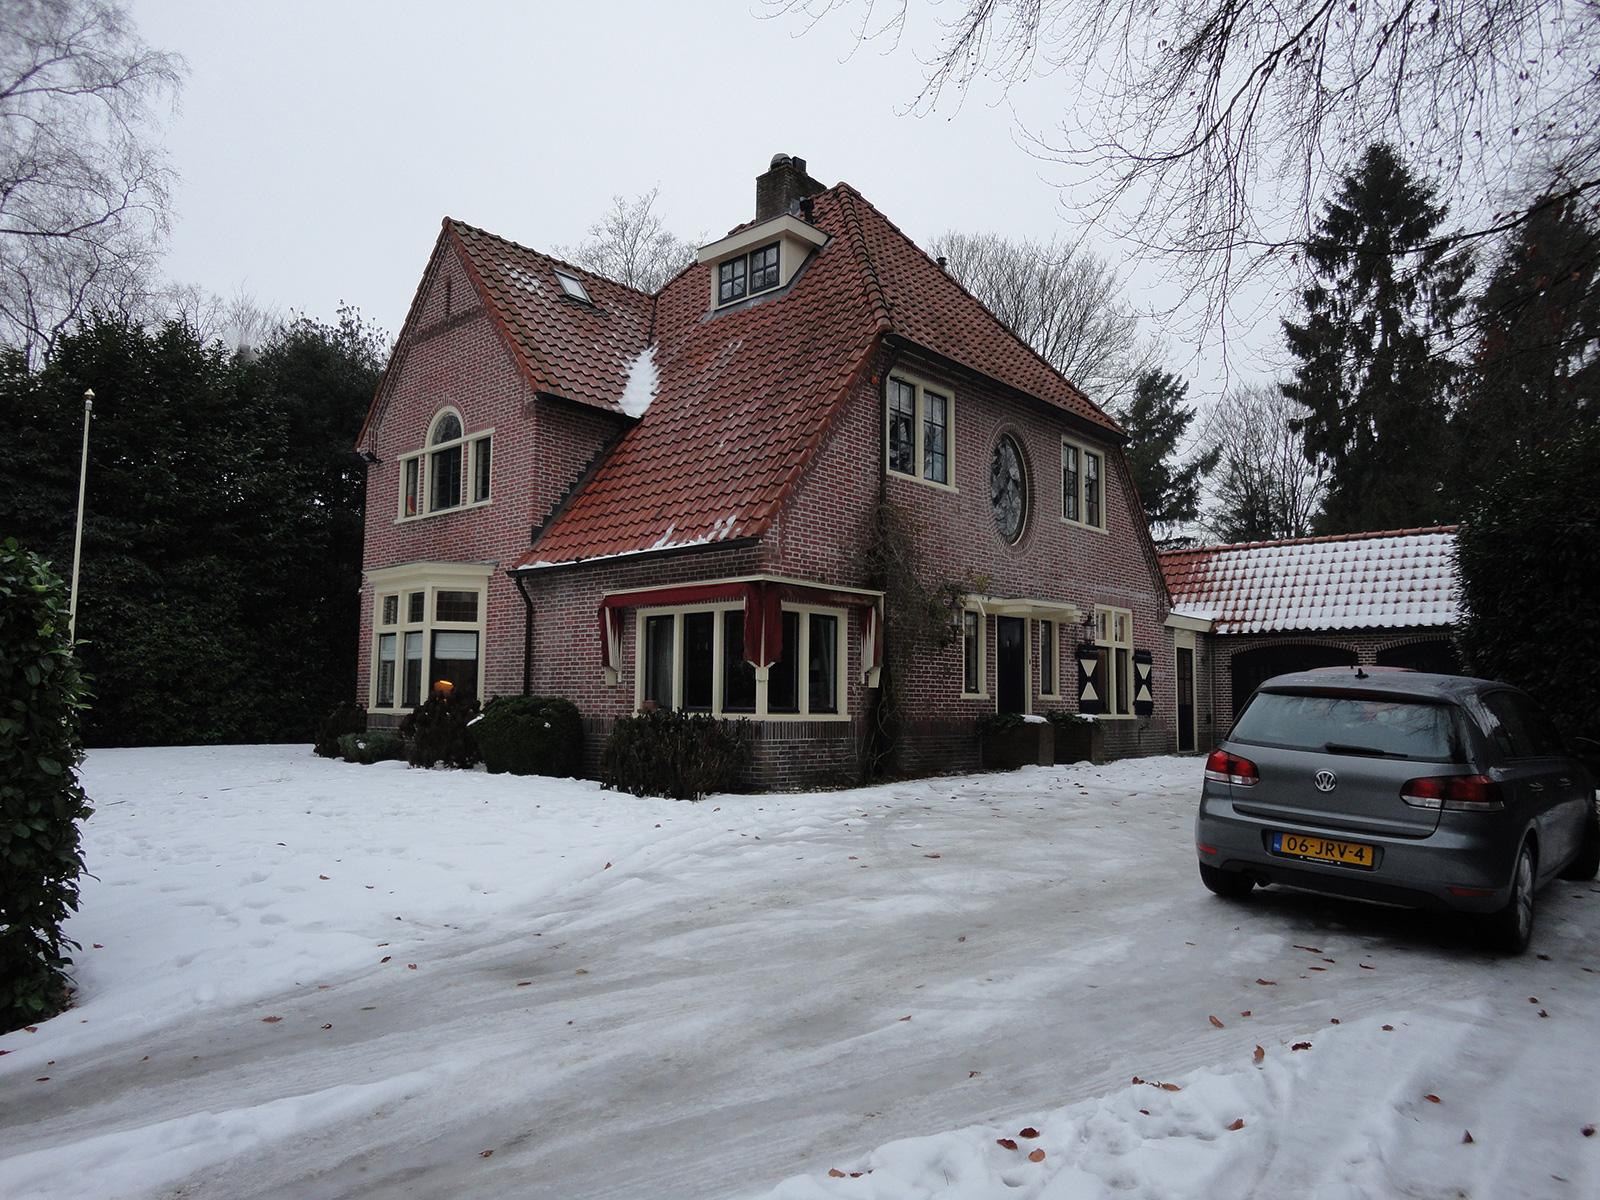 Garage Met Veranda : Ruime bungalow met veranda en garage chantal verkoop verhuur